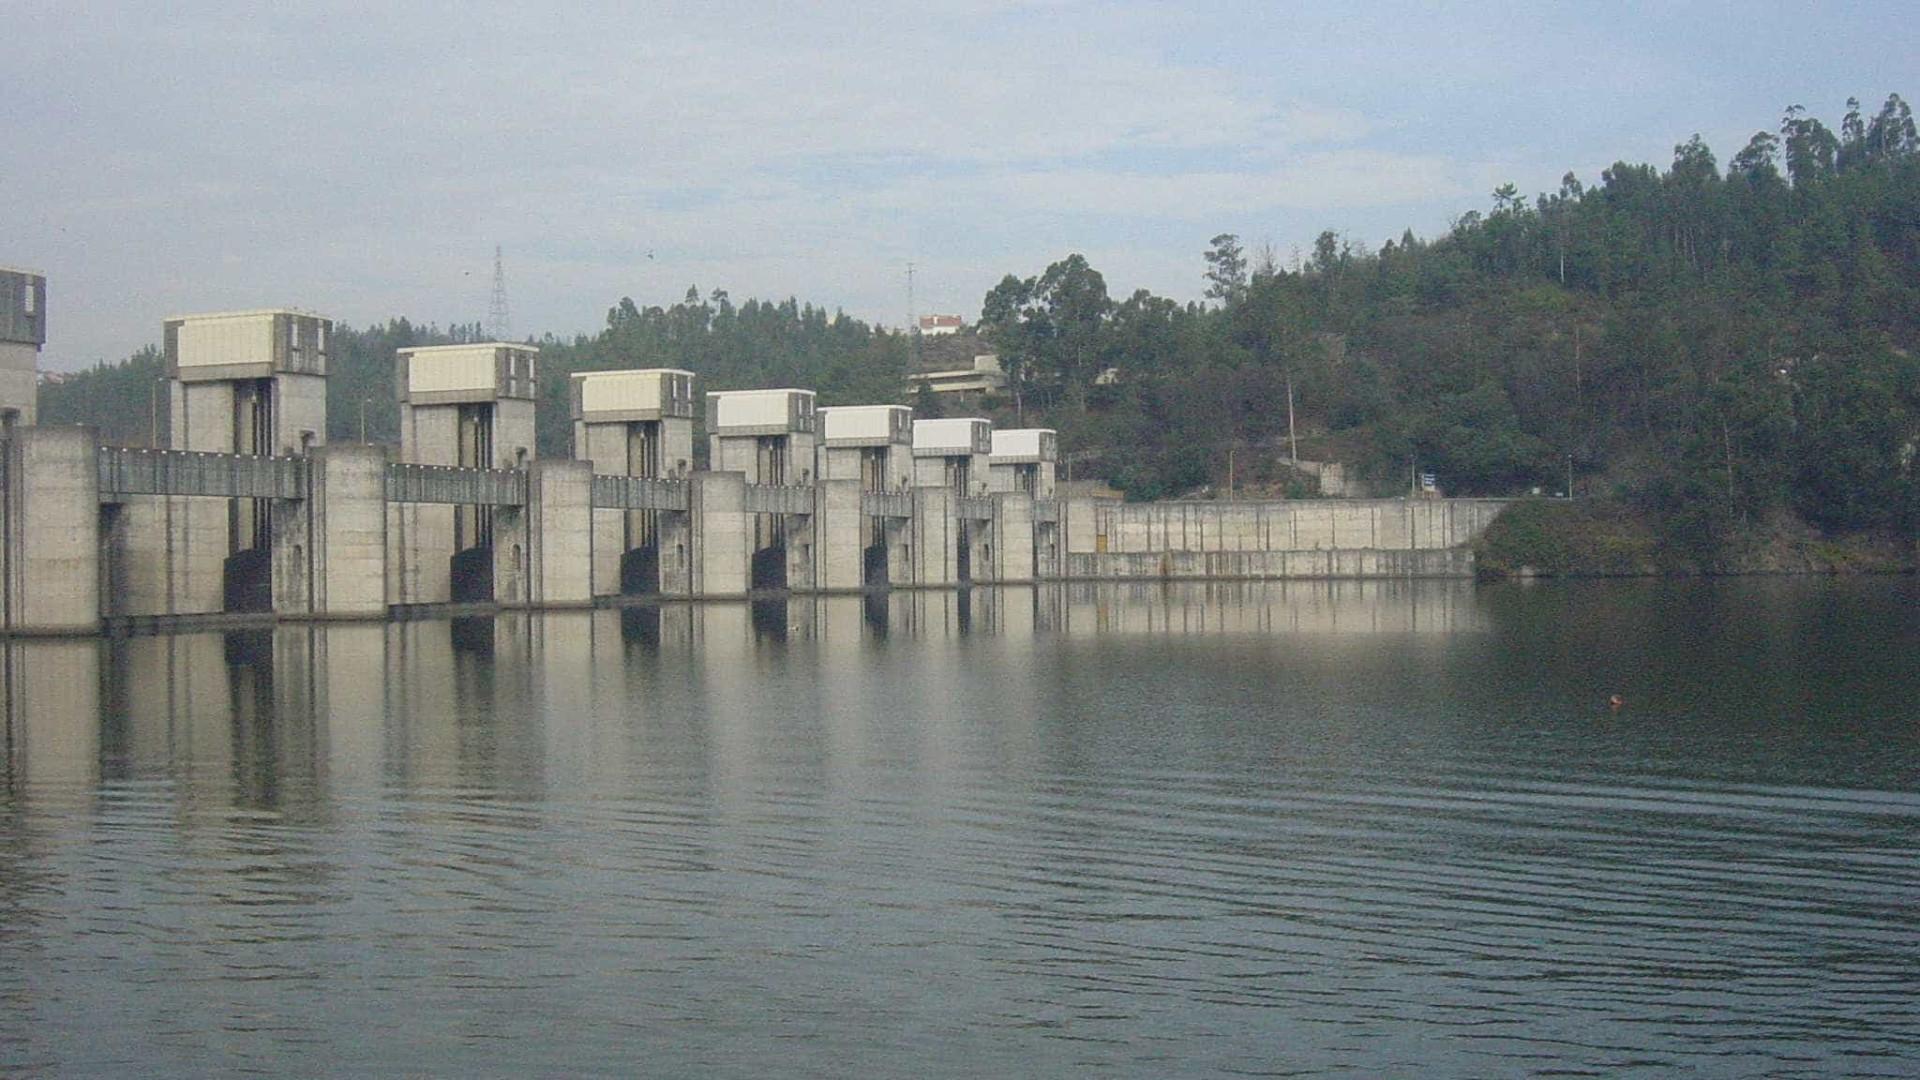 Barragens do Alto Tâmega já empregam 1.500 pessoas